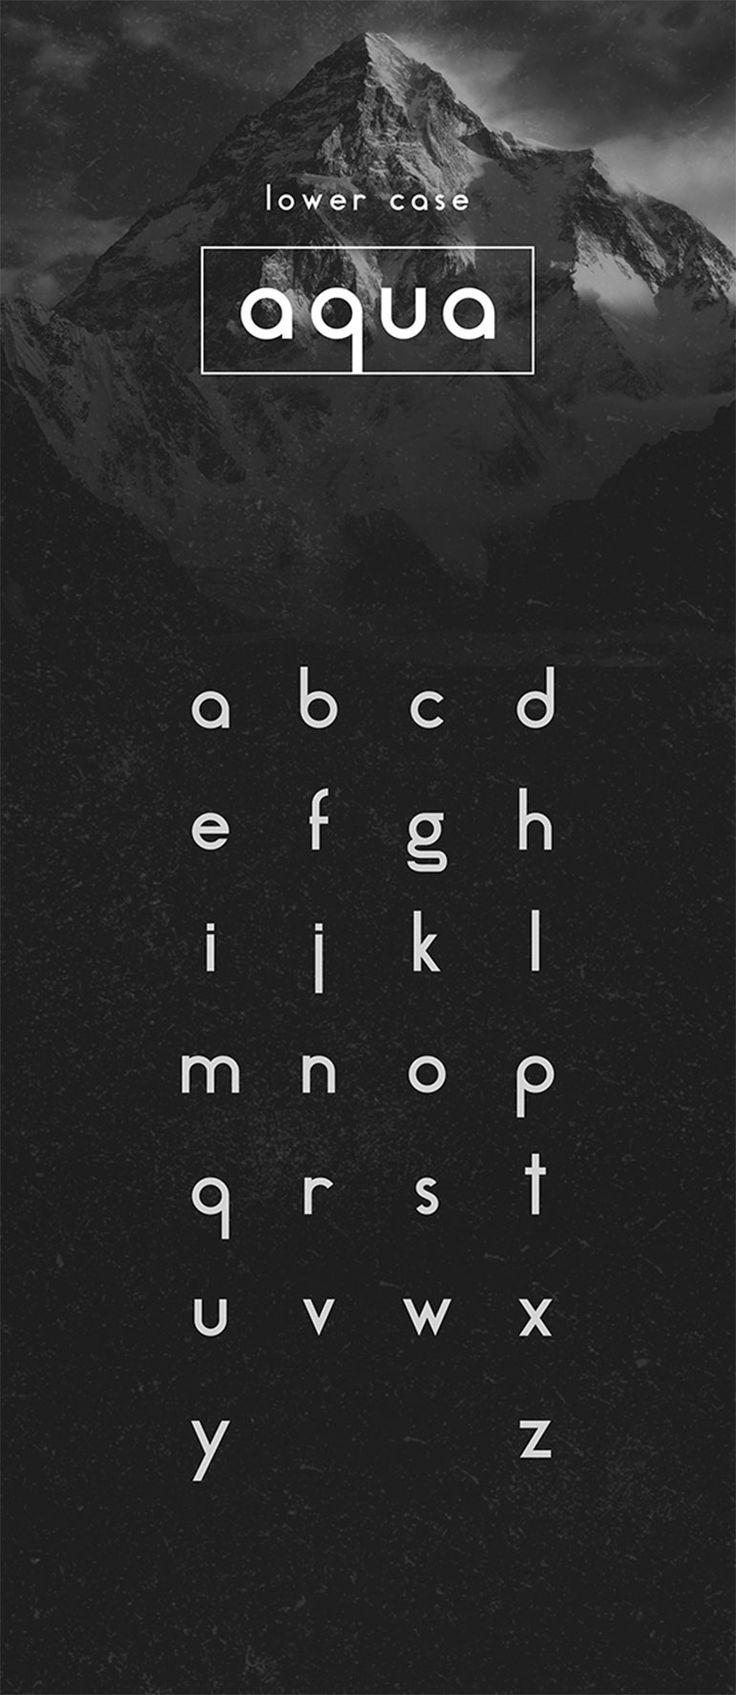 Tipografías gratis http://jrstudioweb.com/diseno-grafico/diseno-de-logotipos/